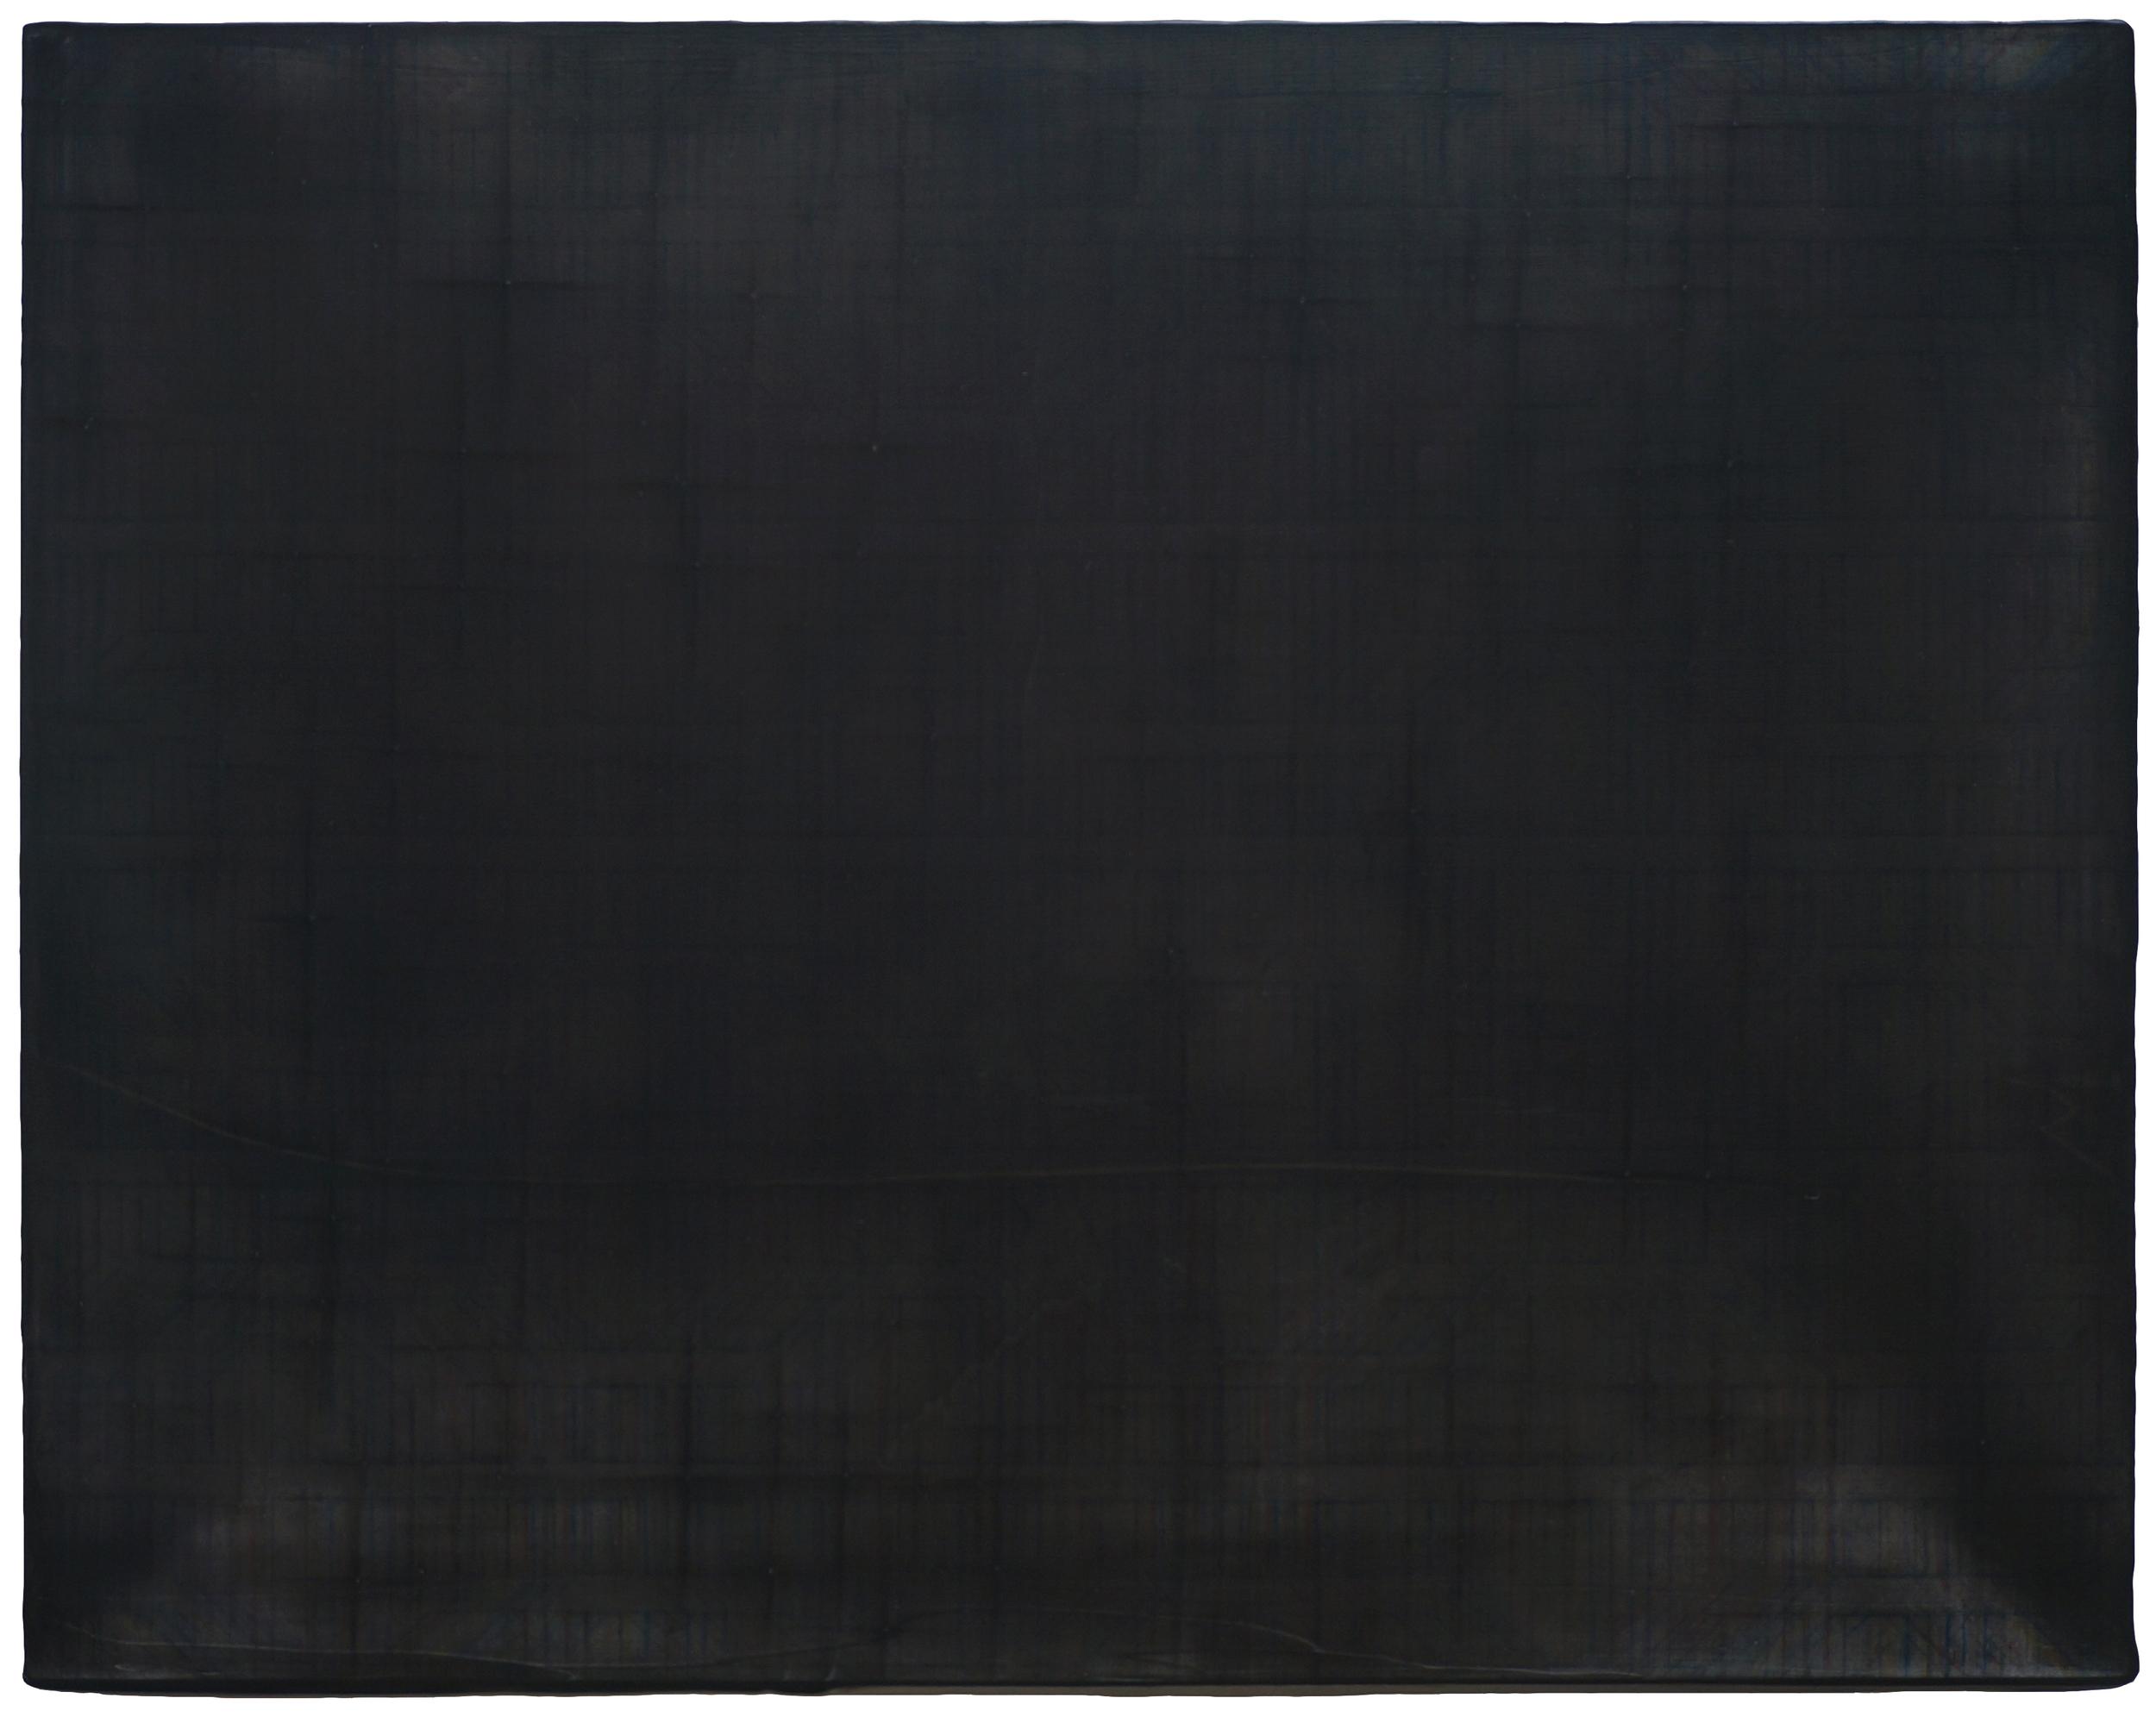 Black - 12